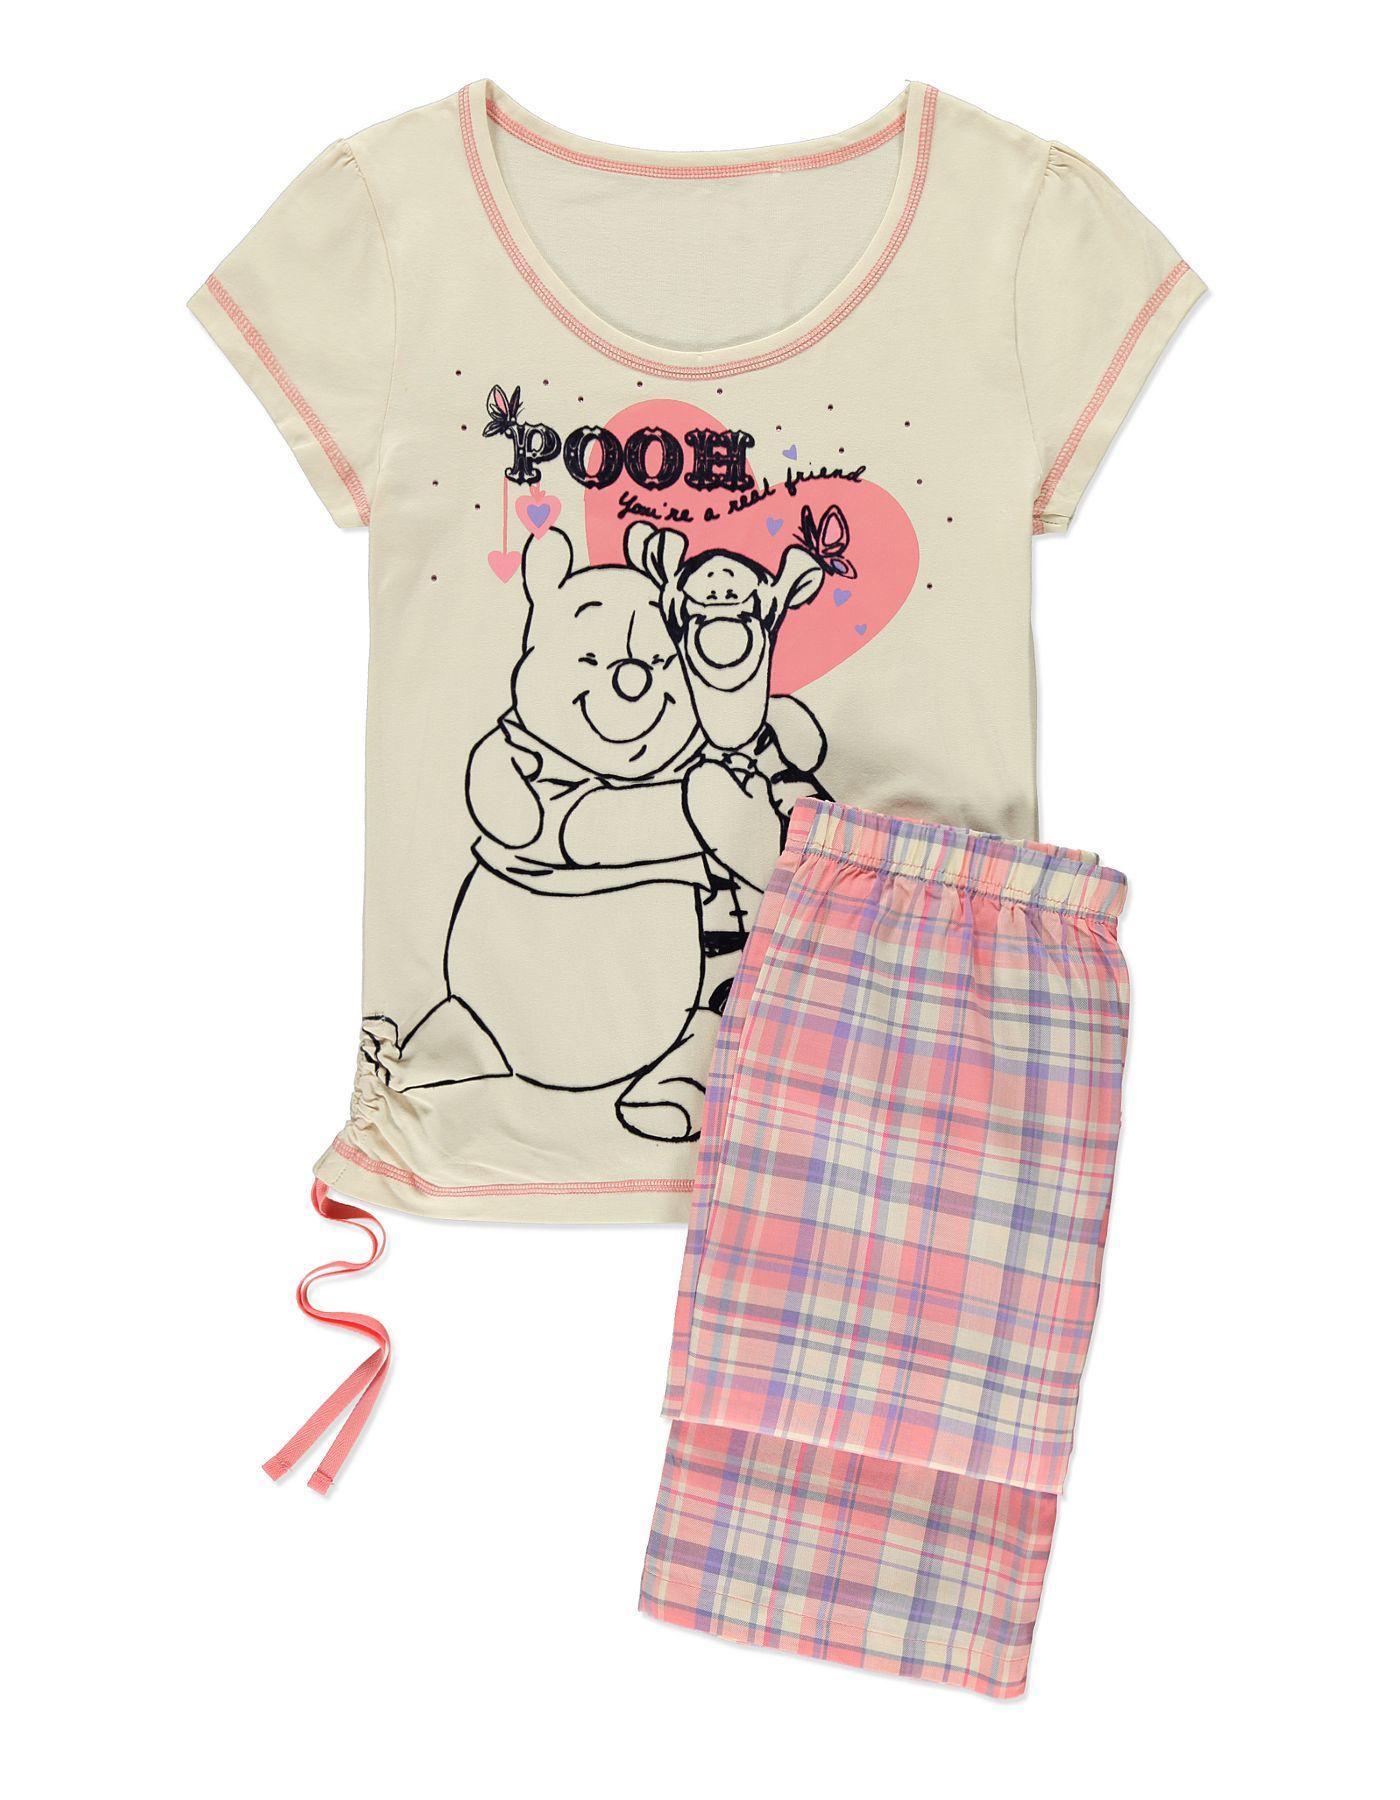 Pooh and Tigger Pyjama Set Women at ASDA